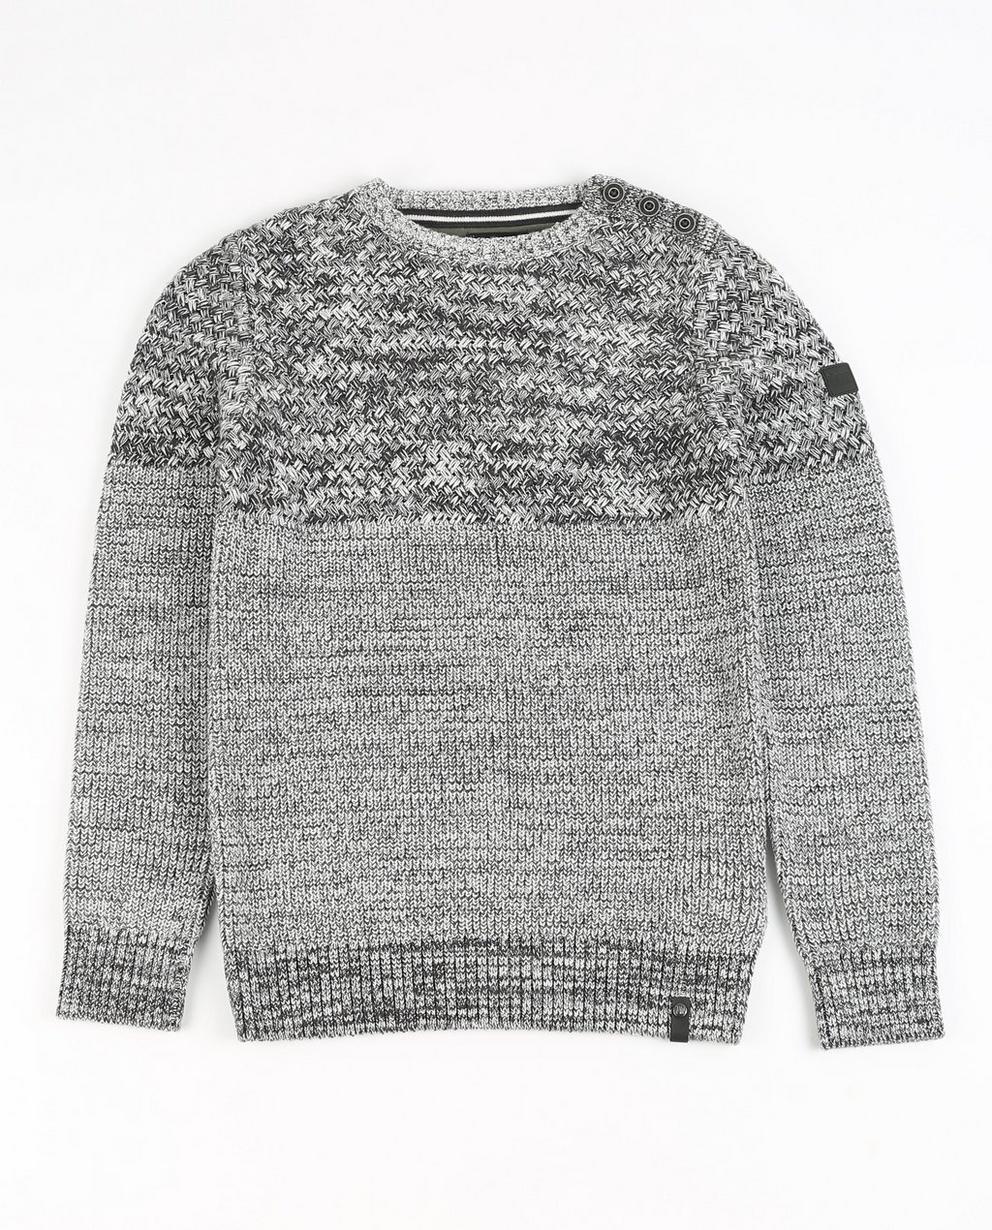 Pullover aus Biobaumwolle - in Grau, I AM - JBC